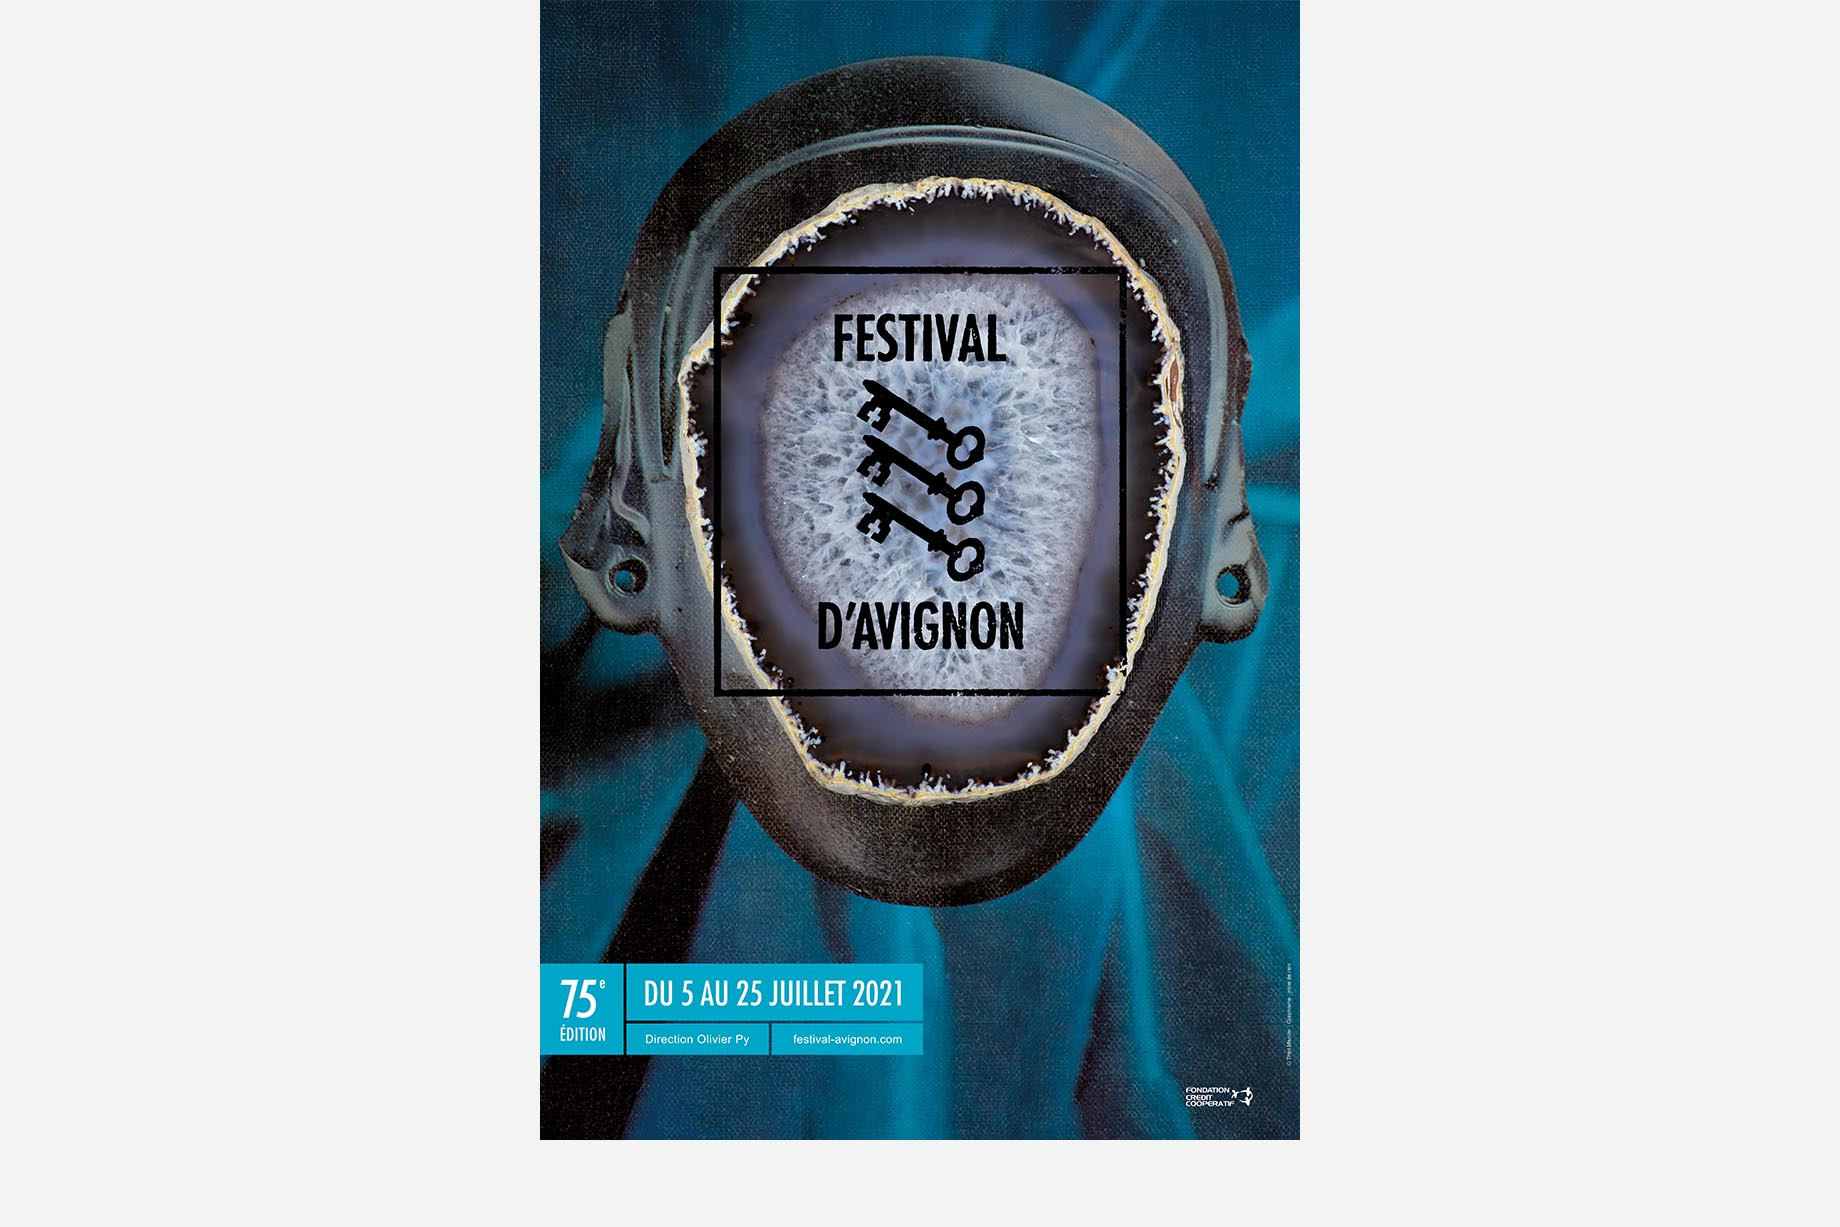 rencontres professionnelles festival d avignon 2021)